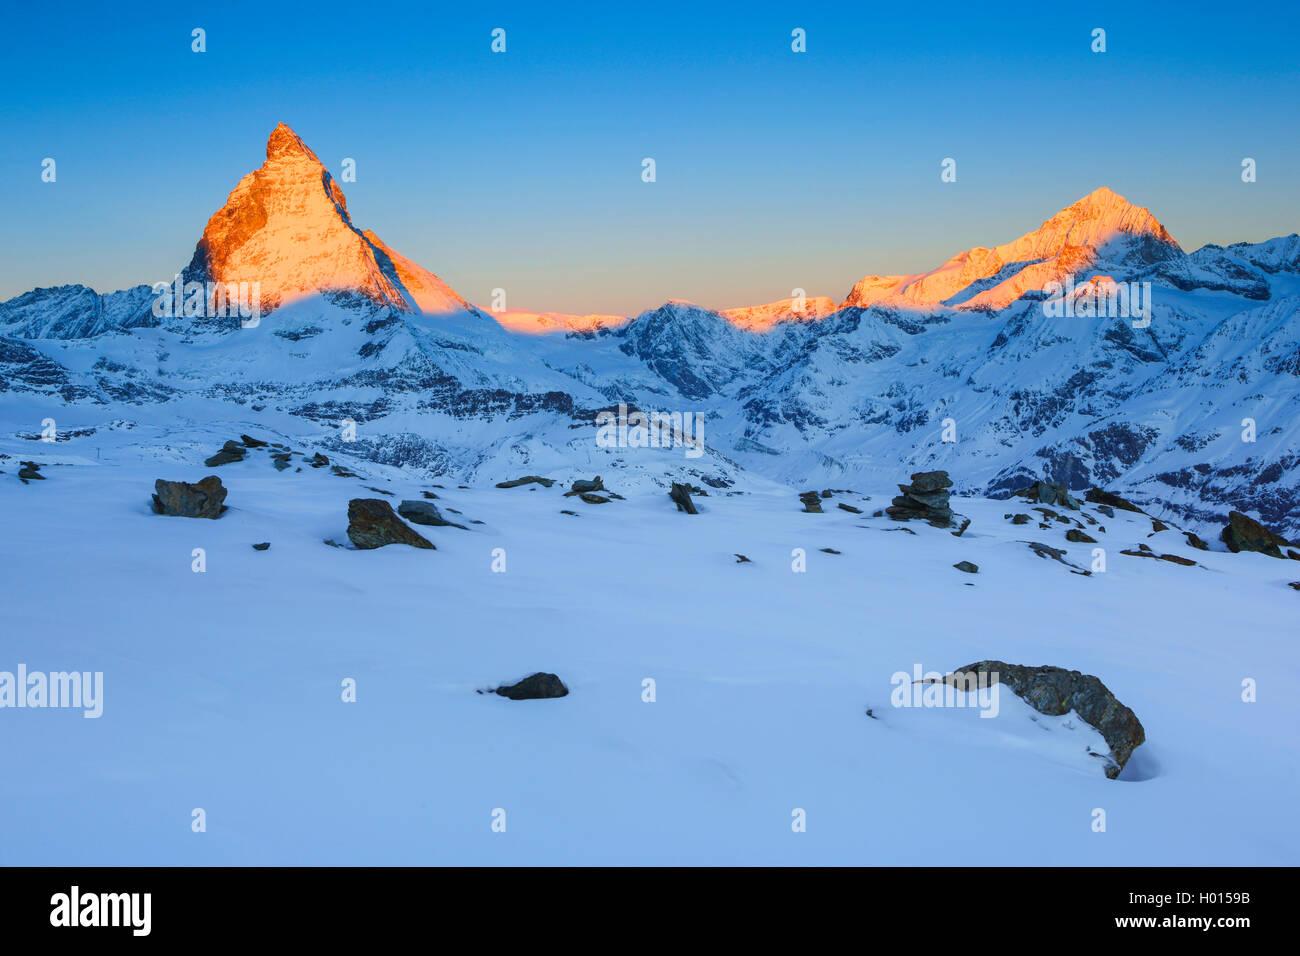 Cervino - 4478 m, Dent Blanche - 4357m, Schweiz, Wallis   Cervino - 4478 m, Dent Blanche - 4357m, Svizzera Vallese Immagini Stock